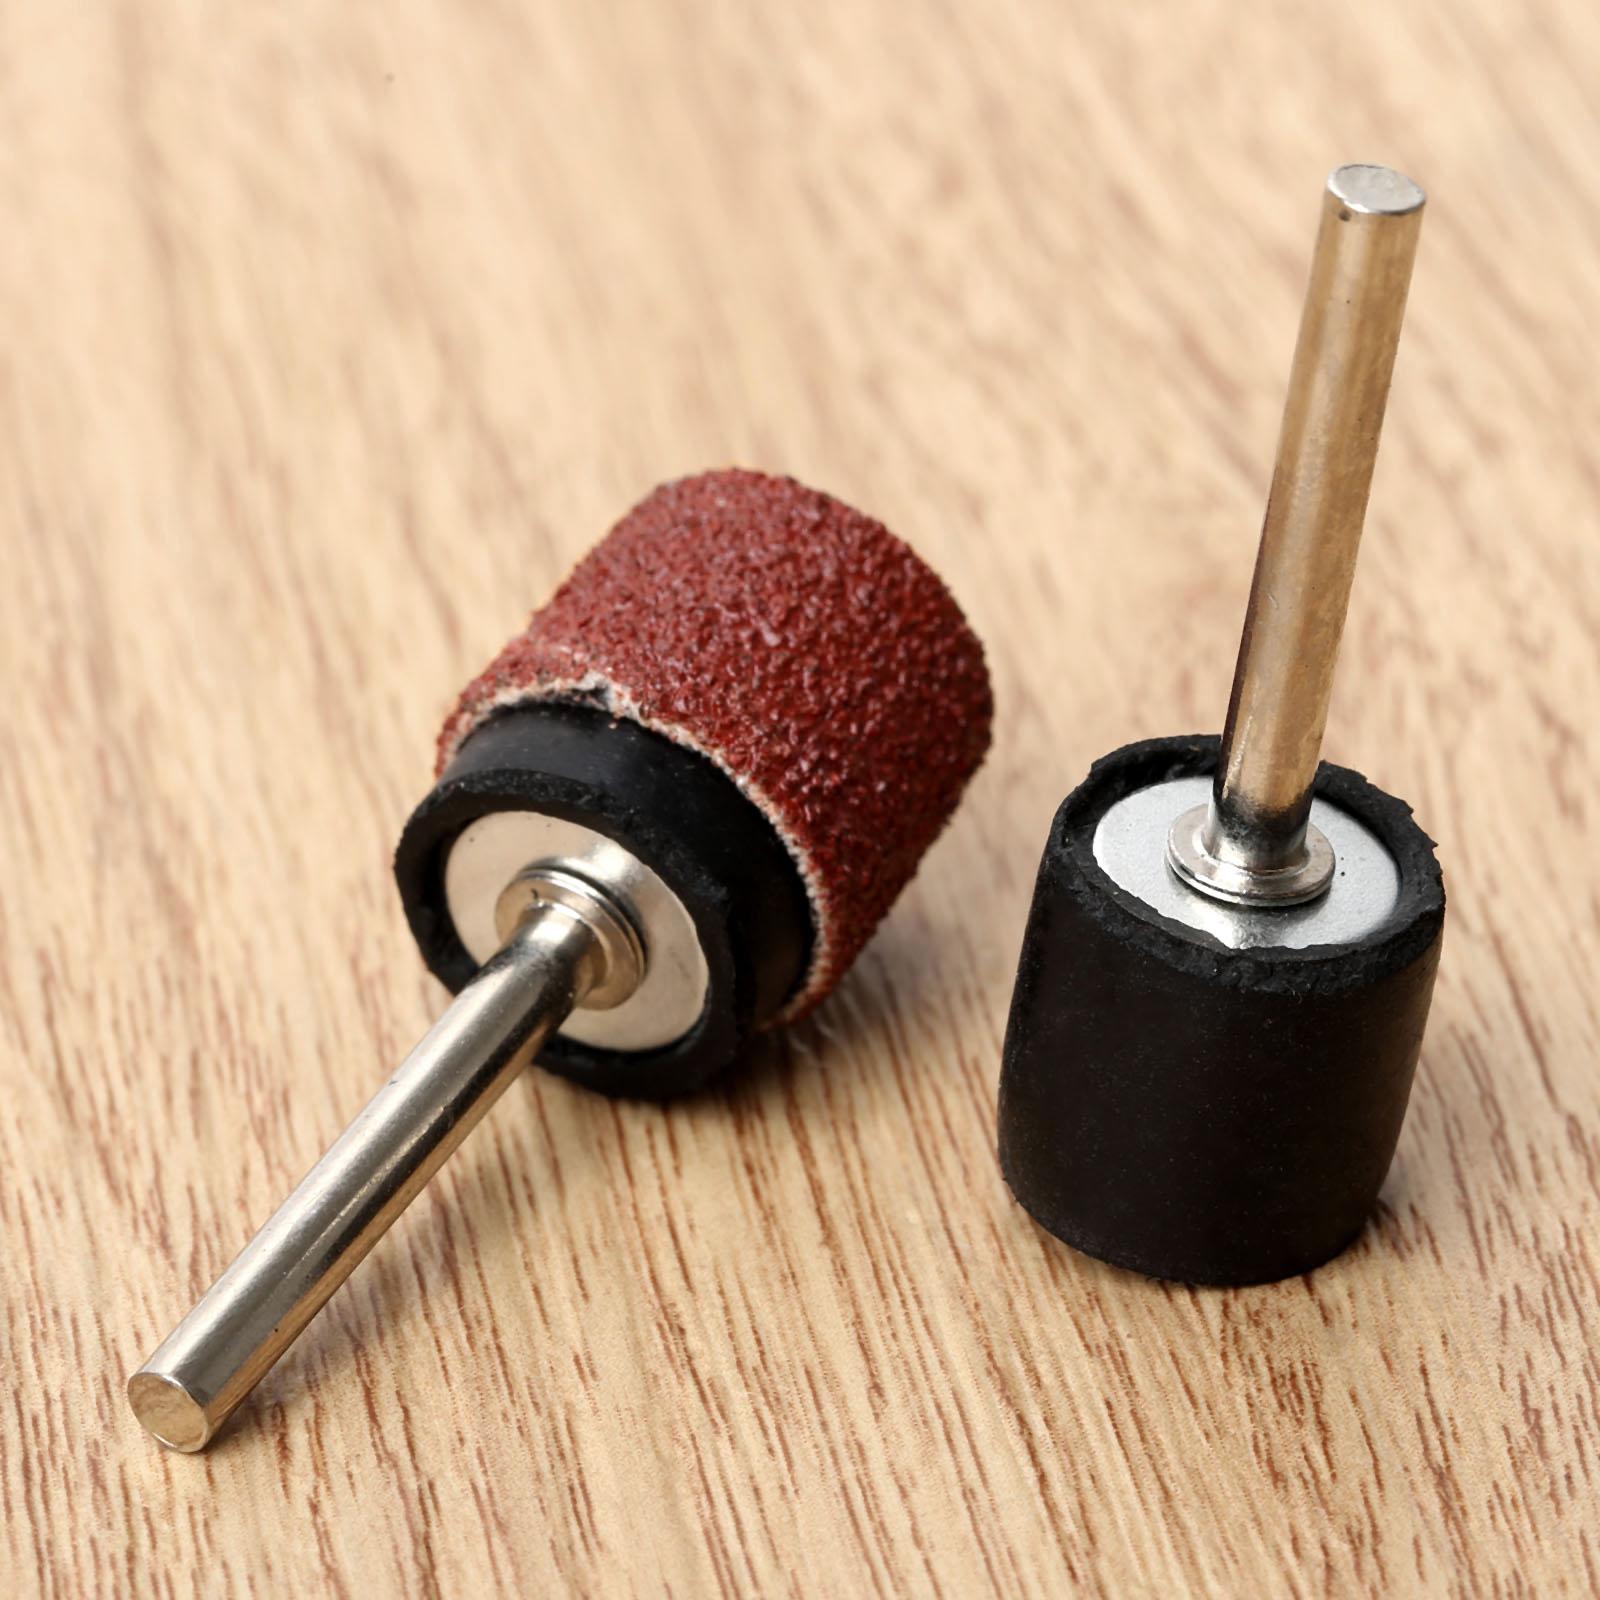 10Pc Accessori Dremel Mandrino in gomma tamburo 6,35 mm Asta da 2,35 - Utensili abrasivi - Fotografia 4